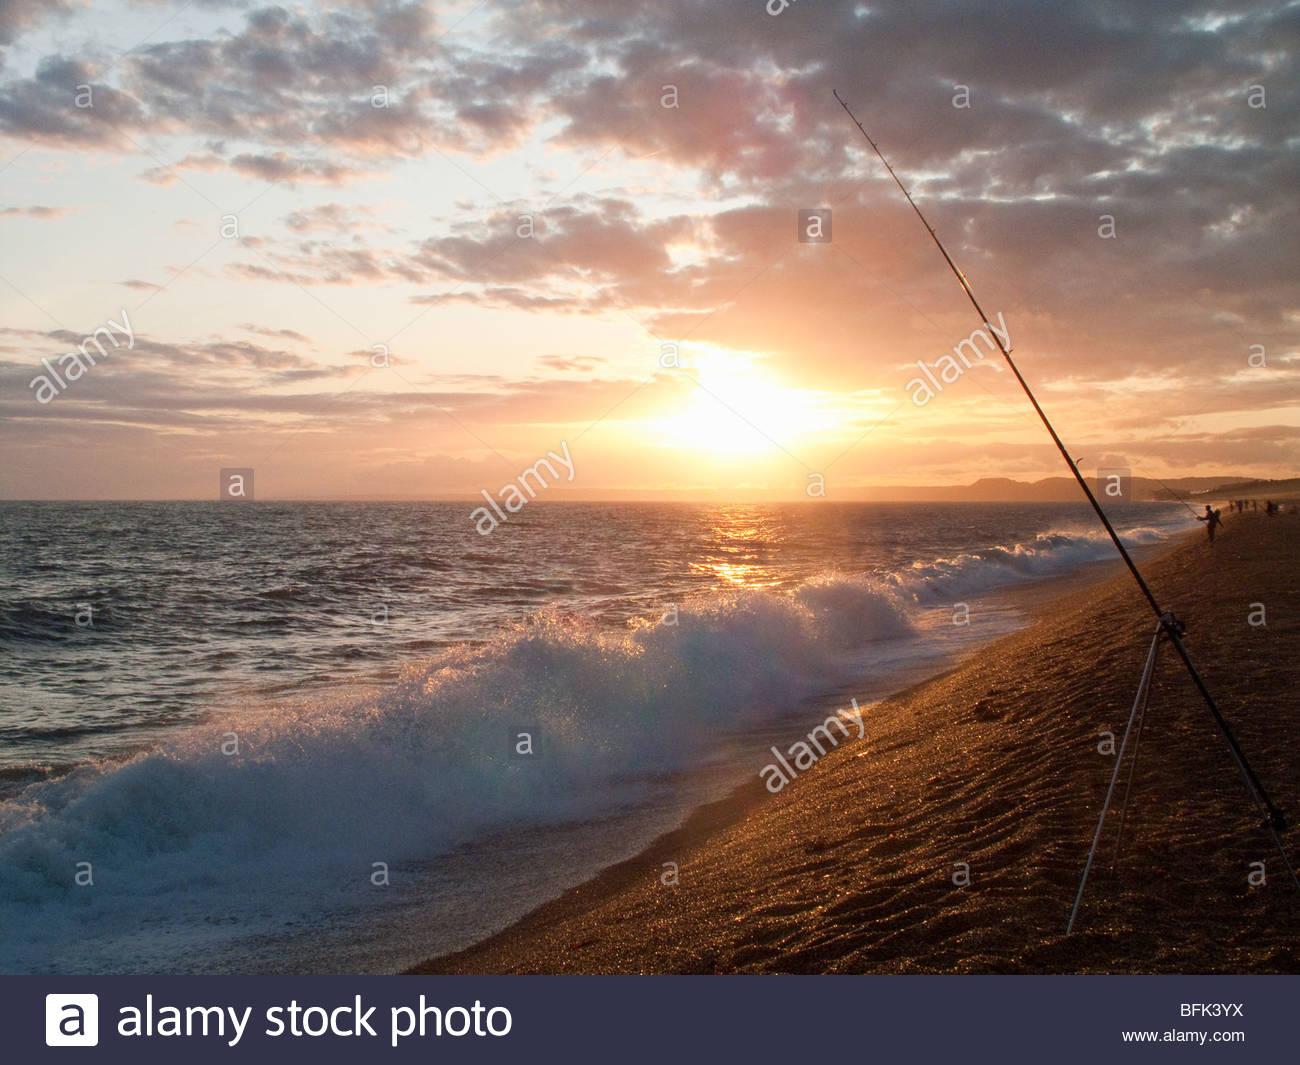 Ruhigen Sonnenuntergang am Horizont über dem Meer mit Angelrute im Vordergrund Stockbild